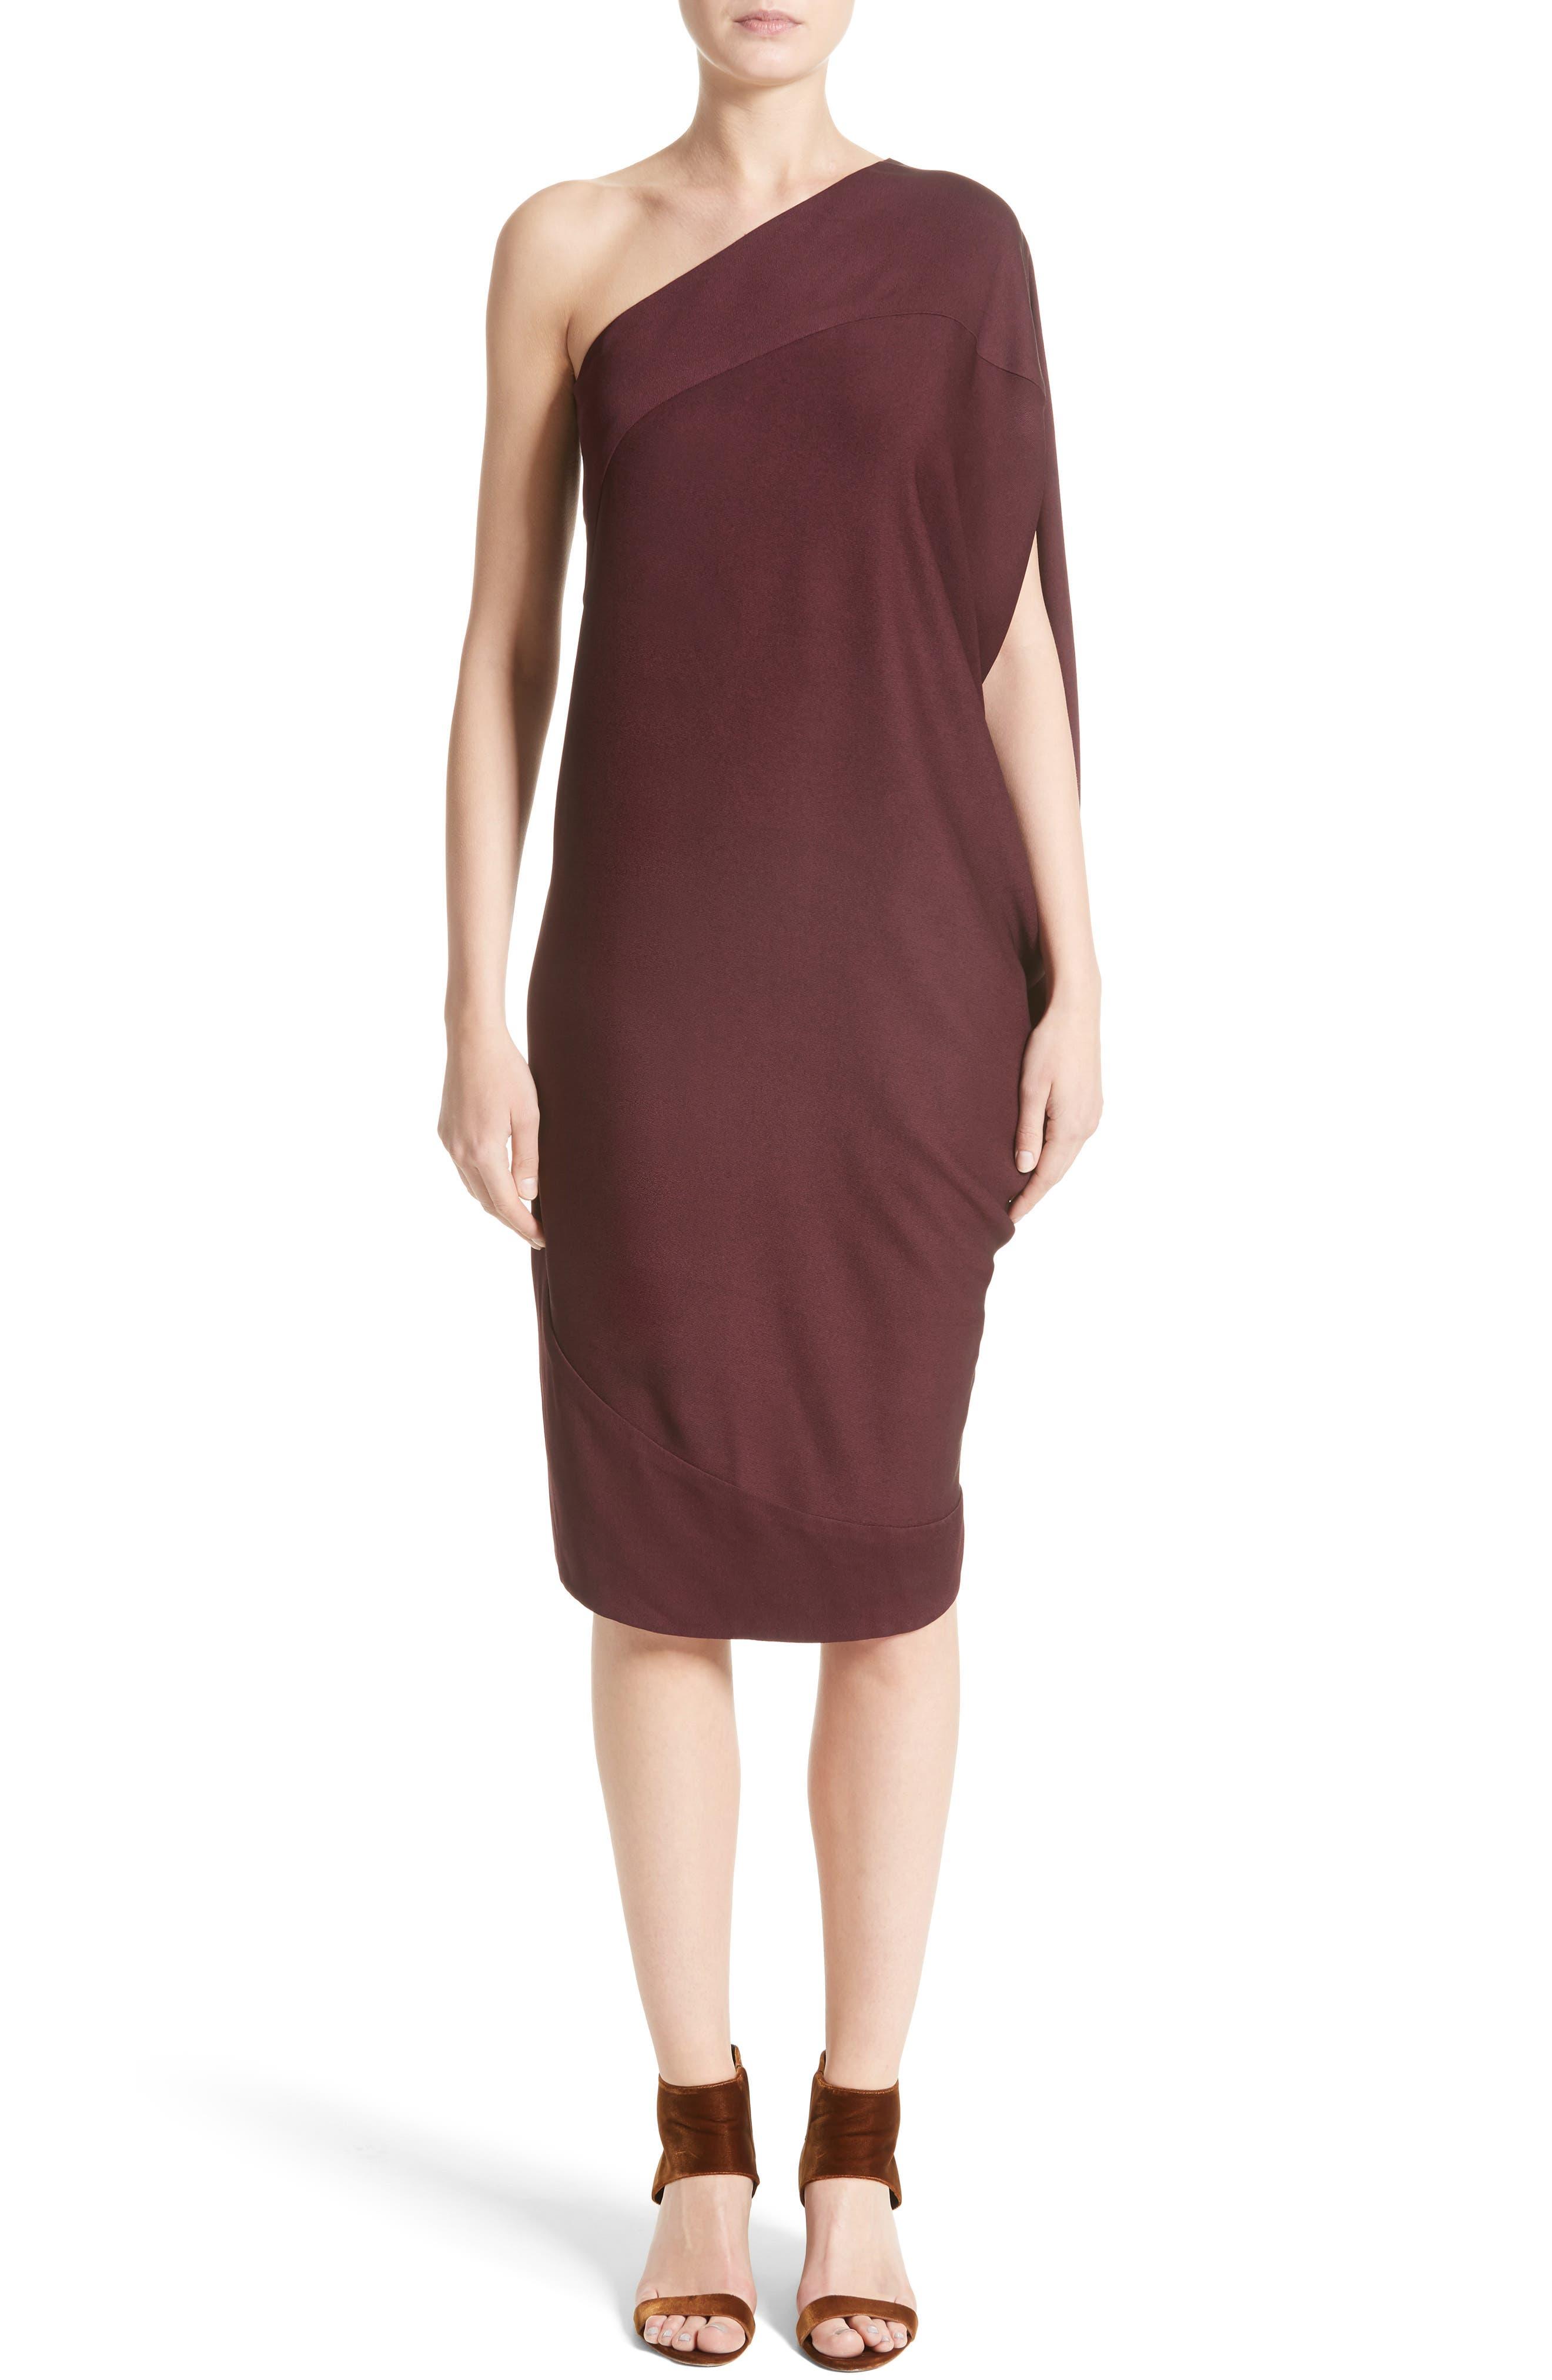 Lui Eco Drape One-Shoulder Dress,                             Main thumbnail 1, color,                             930